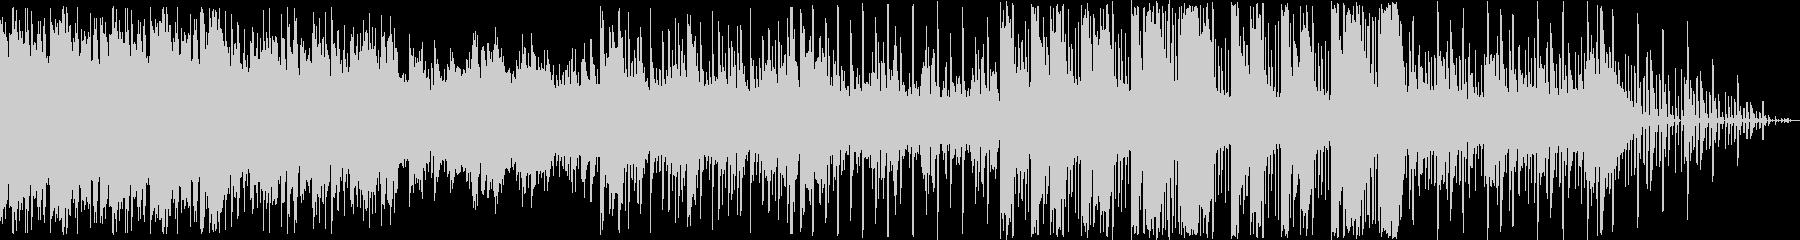 ピアノとシンセのエレクトロニカの未再生の波形